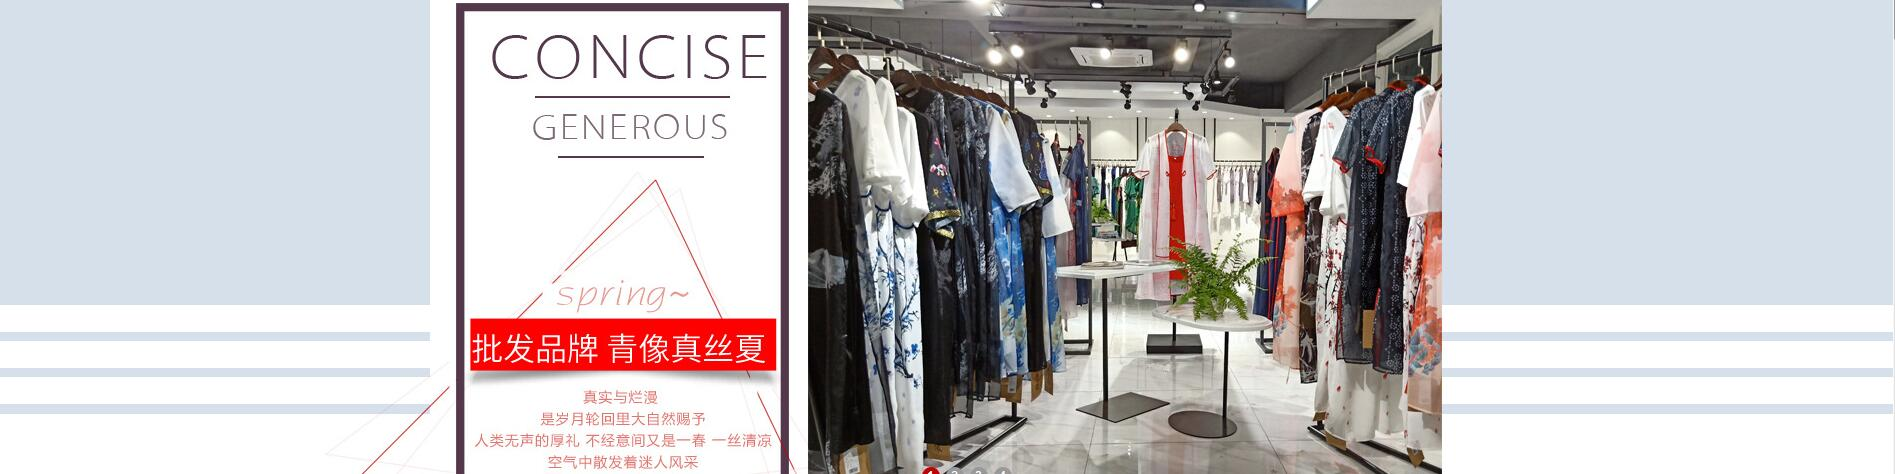 广州市雪莱尔服饰有限公司